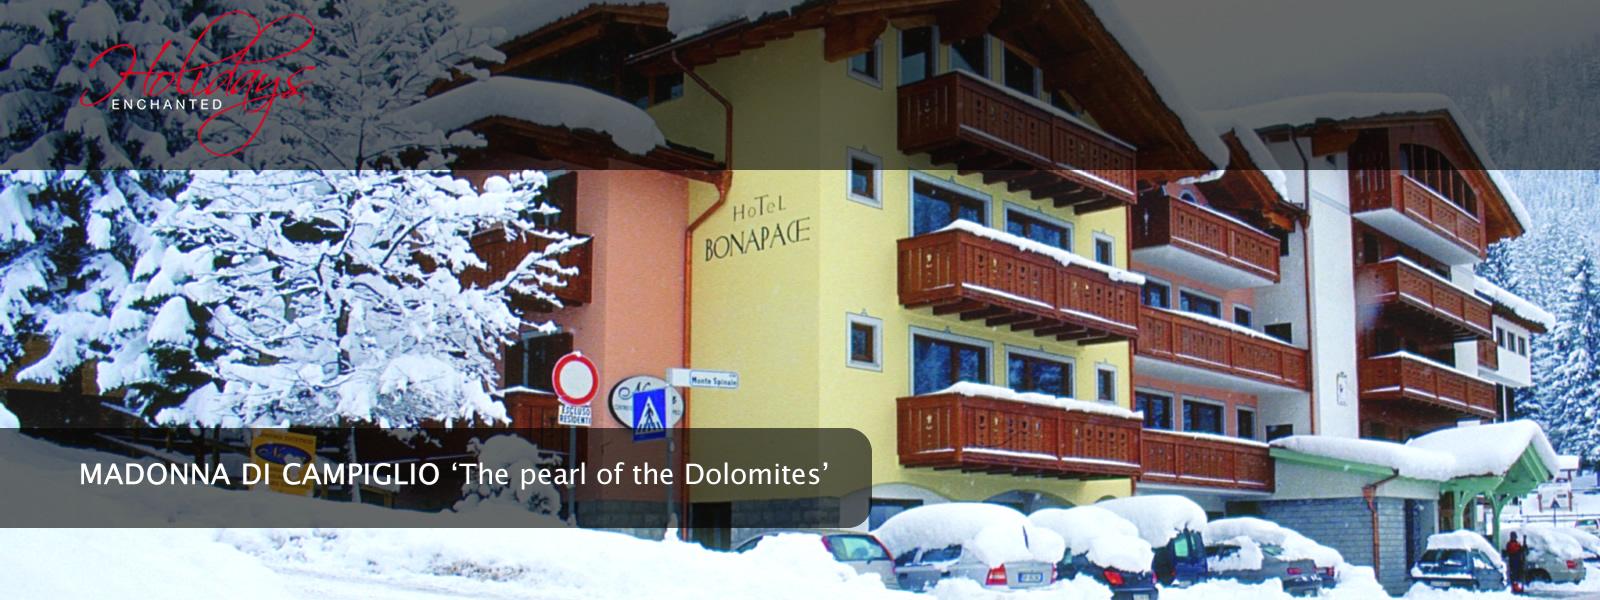 Hotel Bonapace, Madonna di Campiglio